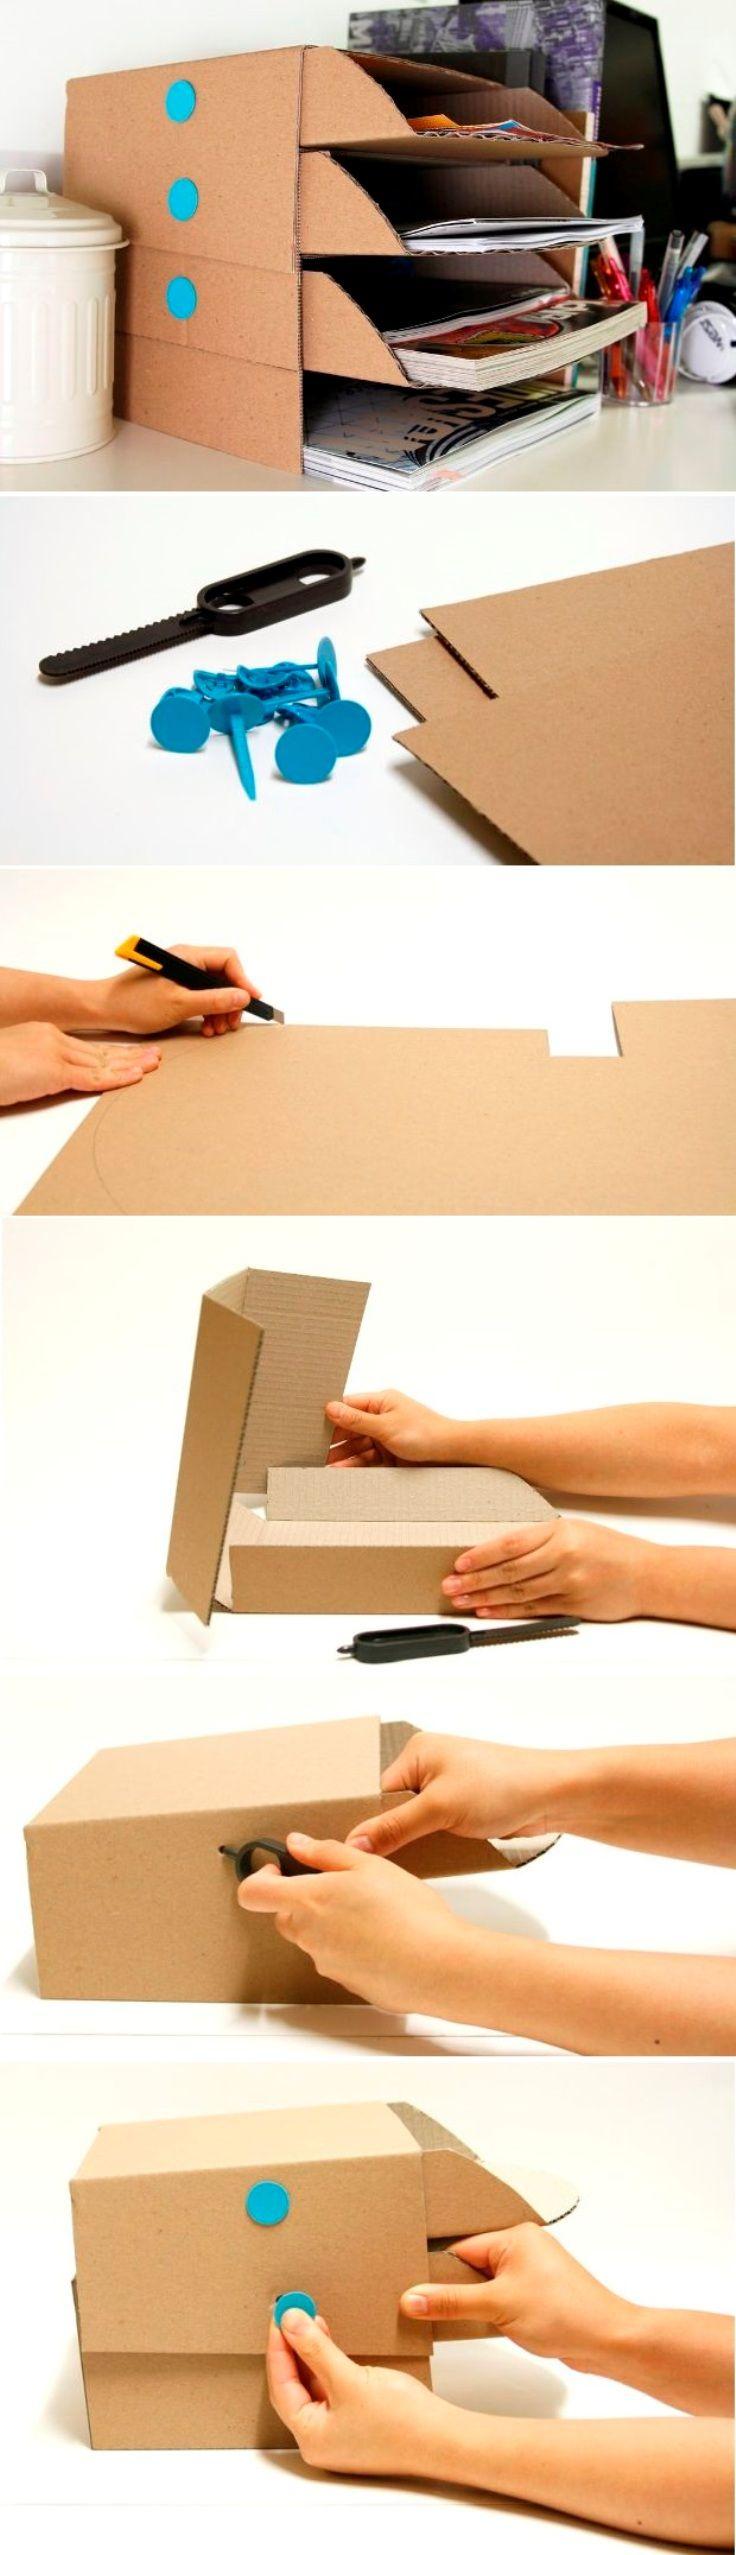 Top 10 Easy And Creative Diy Desk Trays Desk Organization Diy Diy Desk Desk Tray